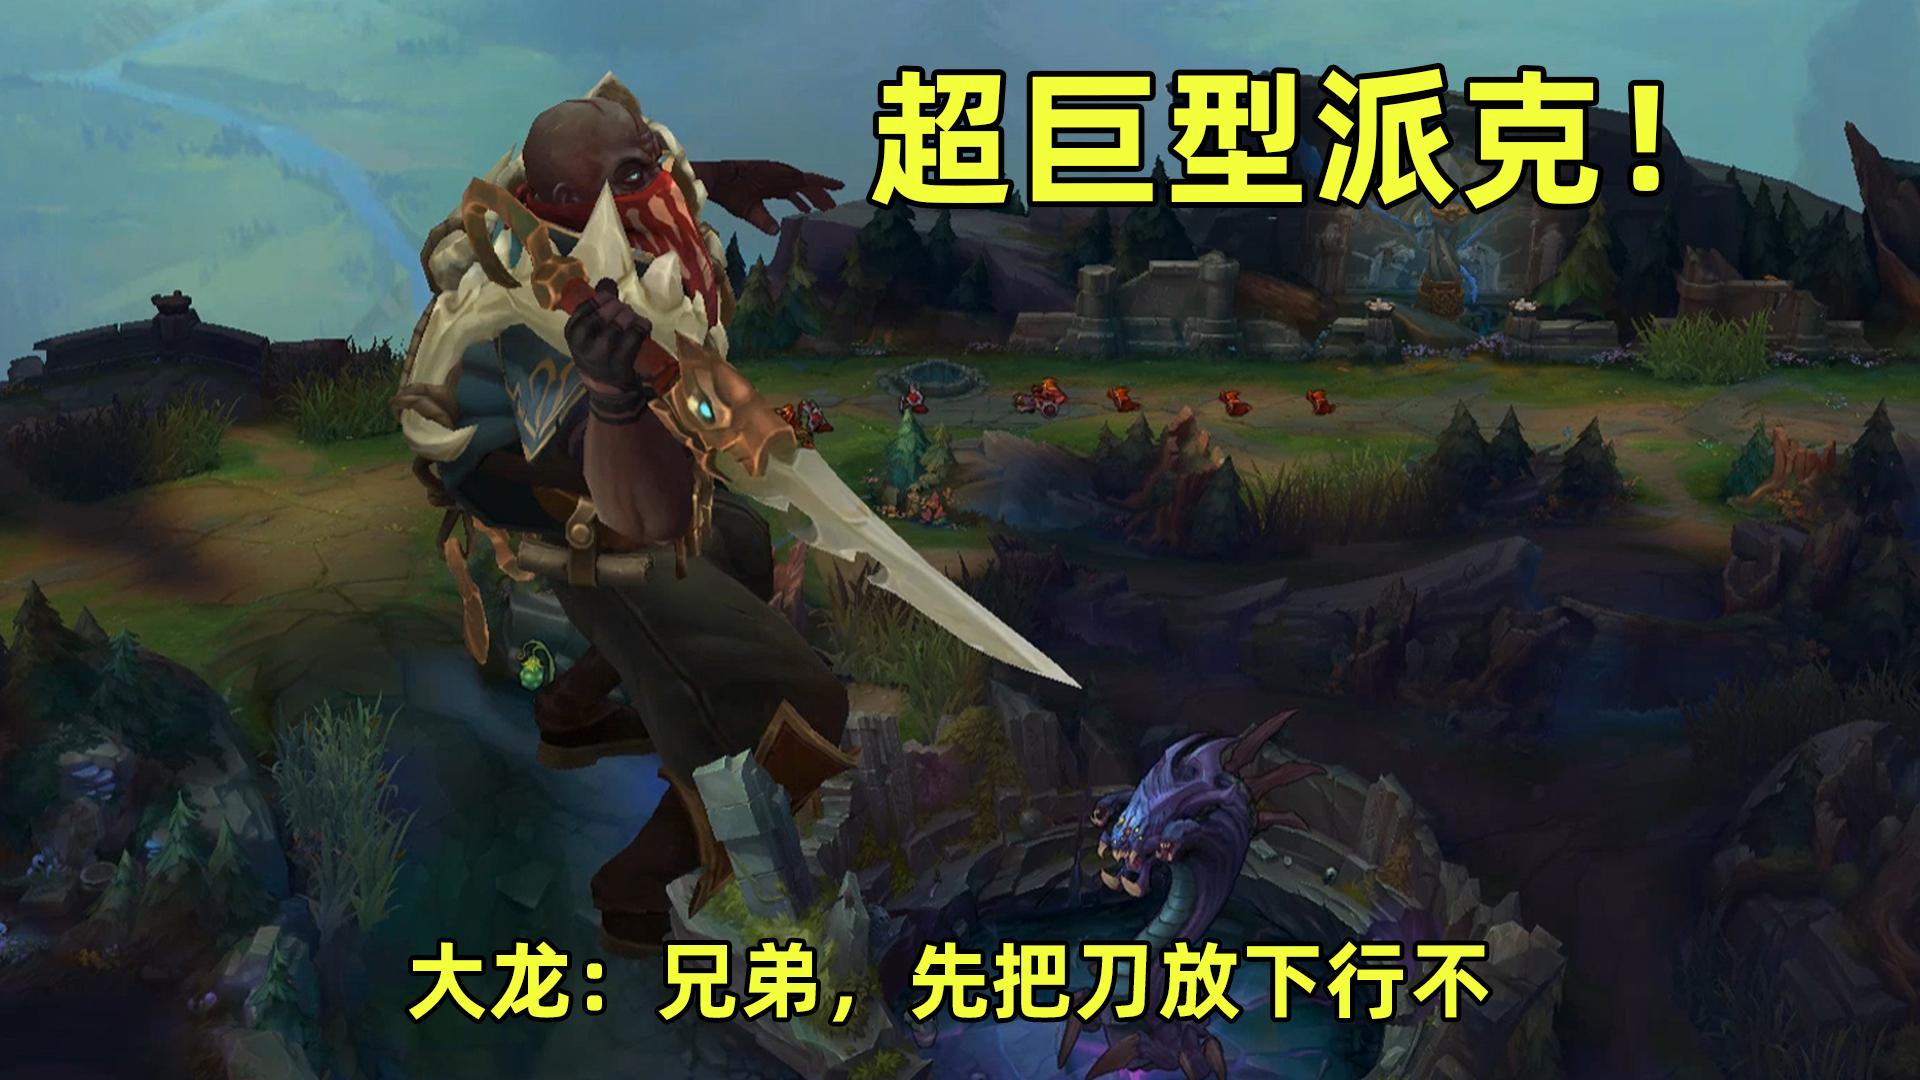 刀长30米的巨型派克!大龙:好兄弟,先把刀放下!